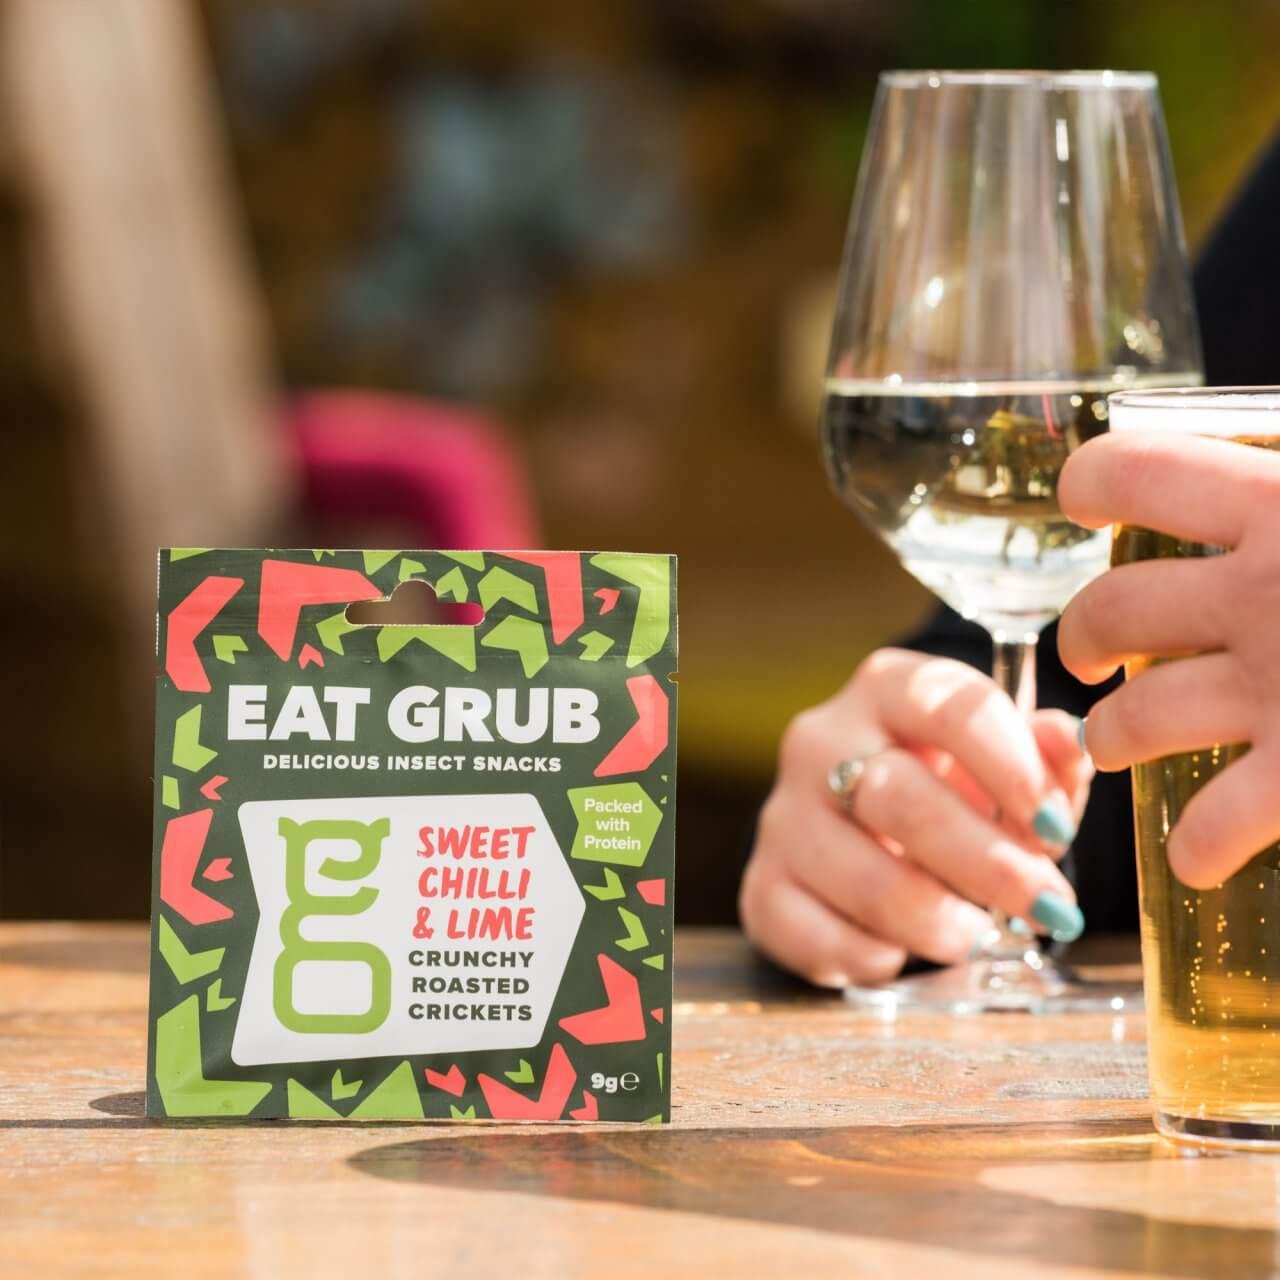 Eat Grub クランキー ロースト クリケット スイートチリ&ライム 1ケース12袋入 x 18ケース